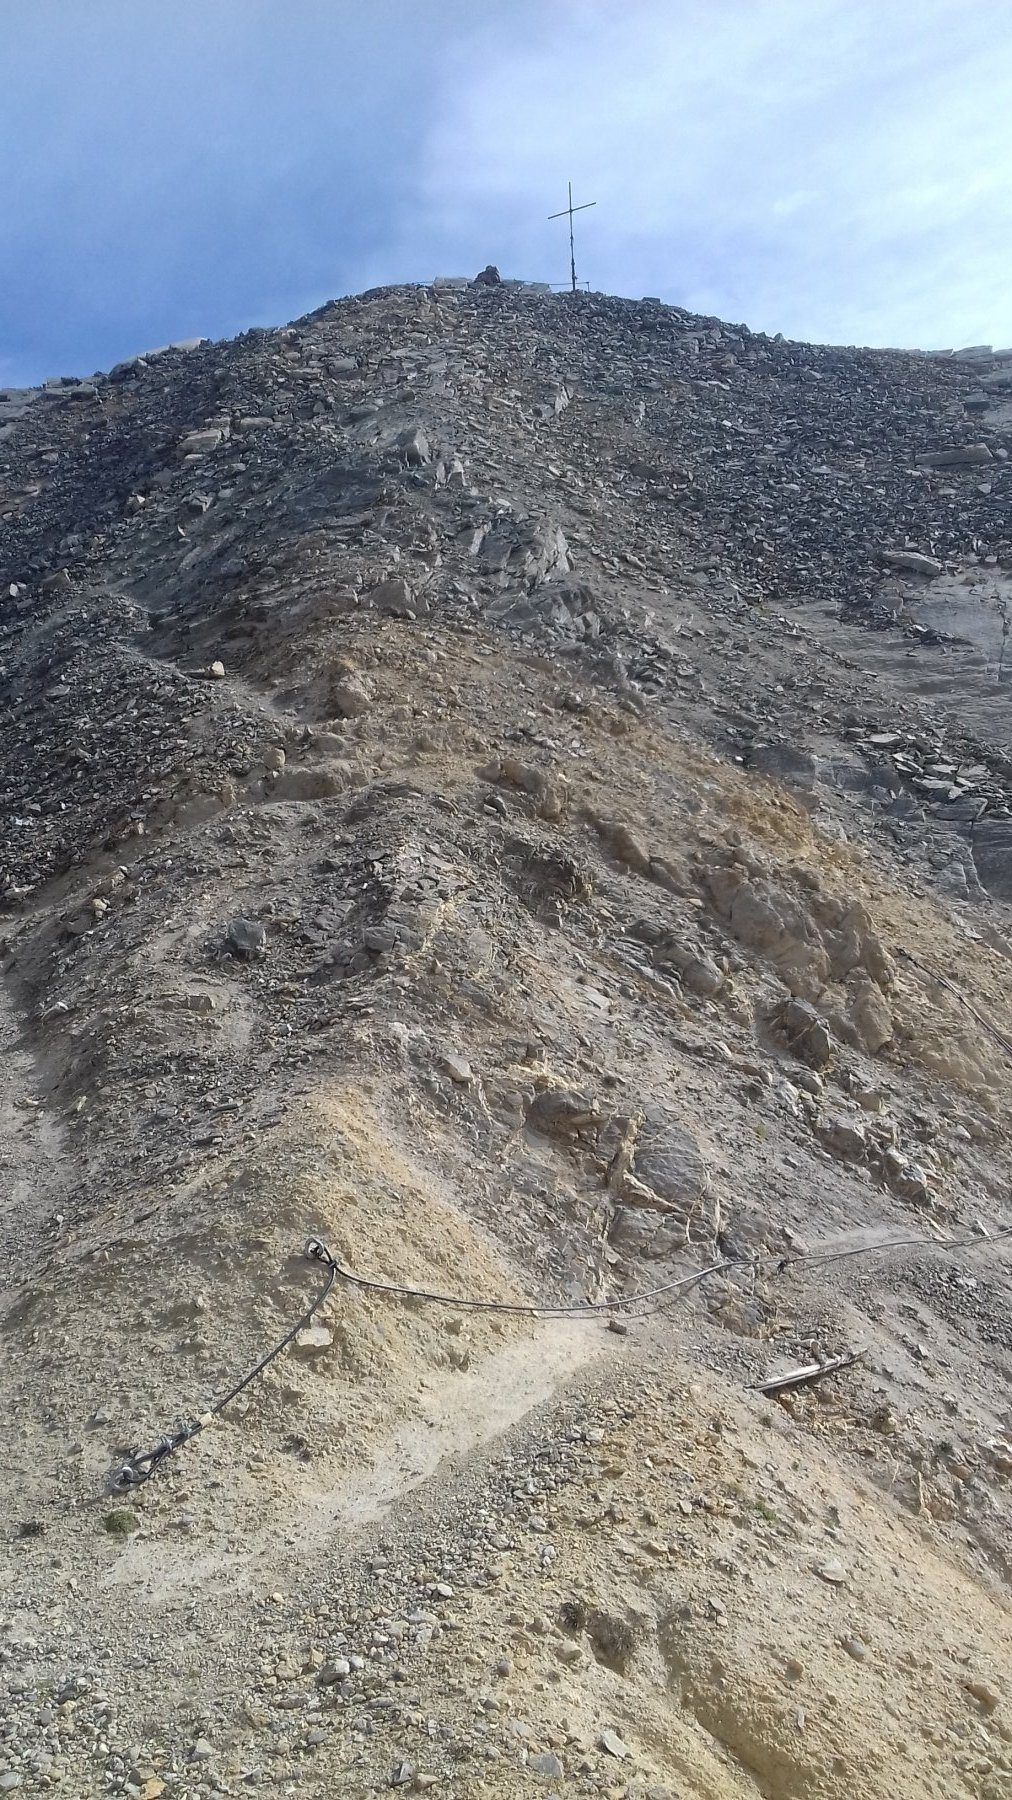 Ultimi metri. In basso si vede la corda fissa con ancoraggio rotto che tocca il terreno.